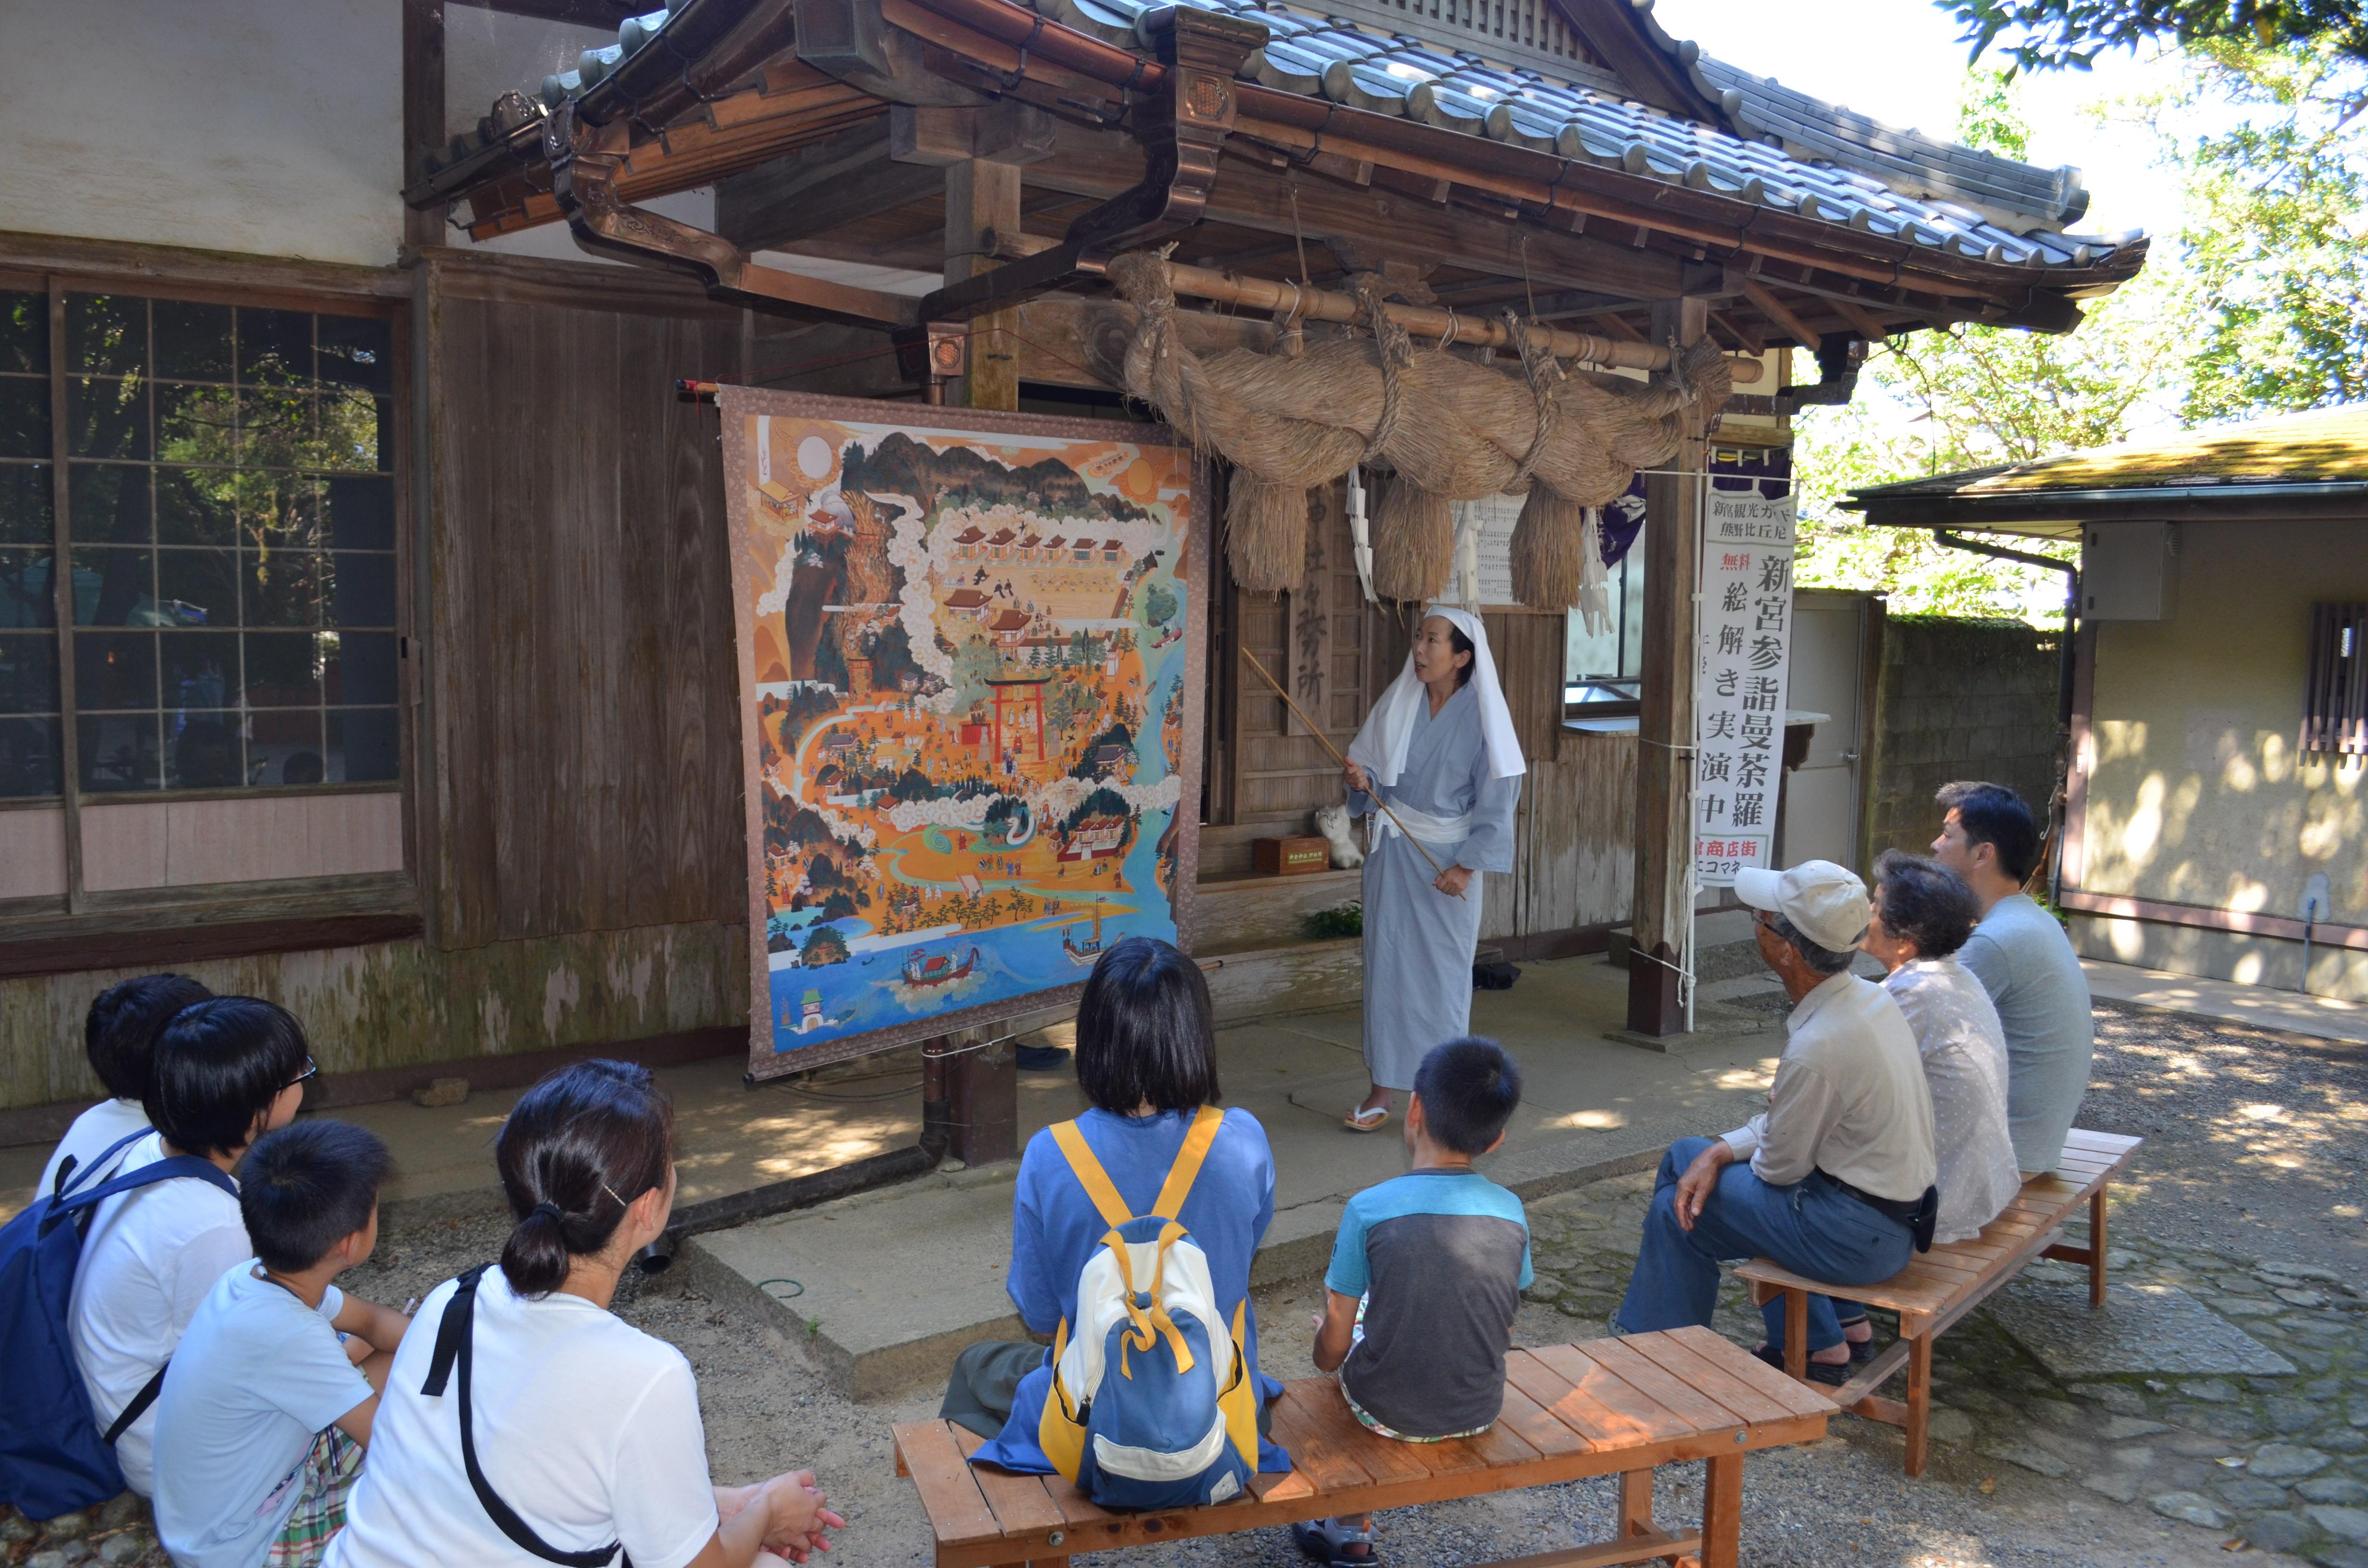 熊野曼荼羅絵解きの開催について